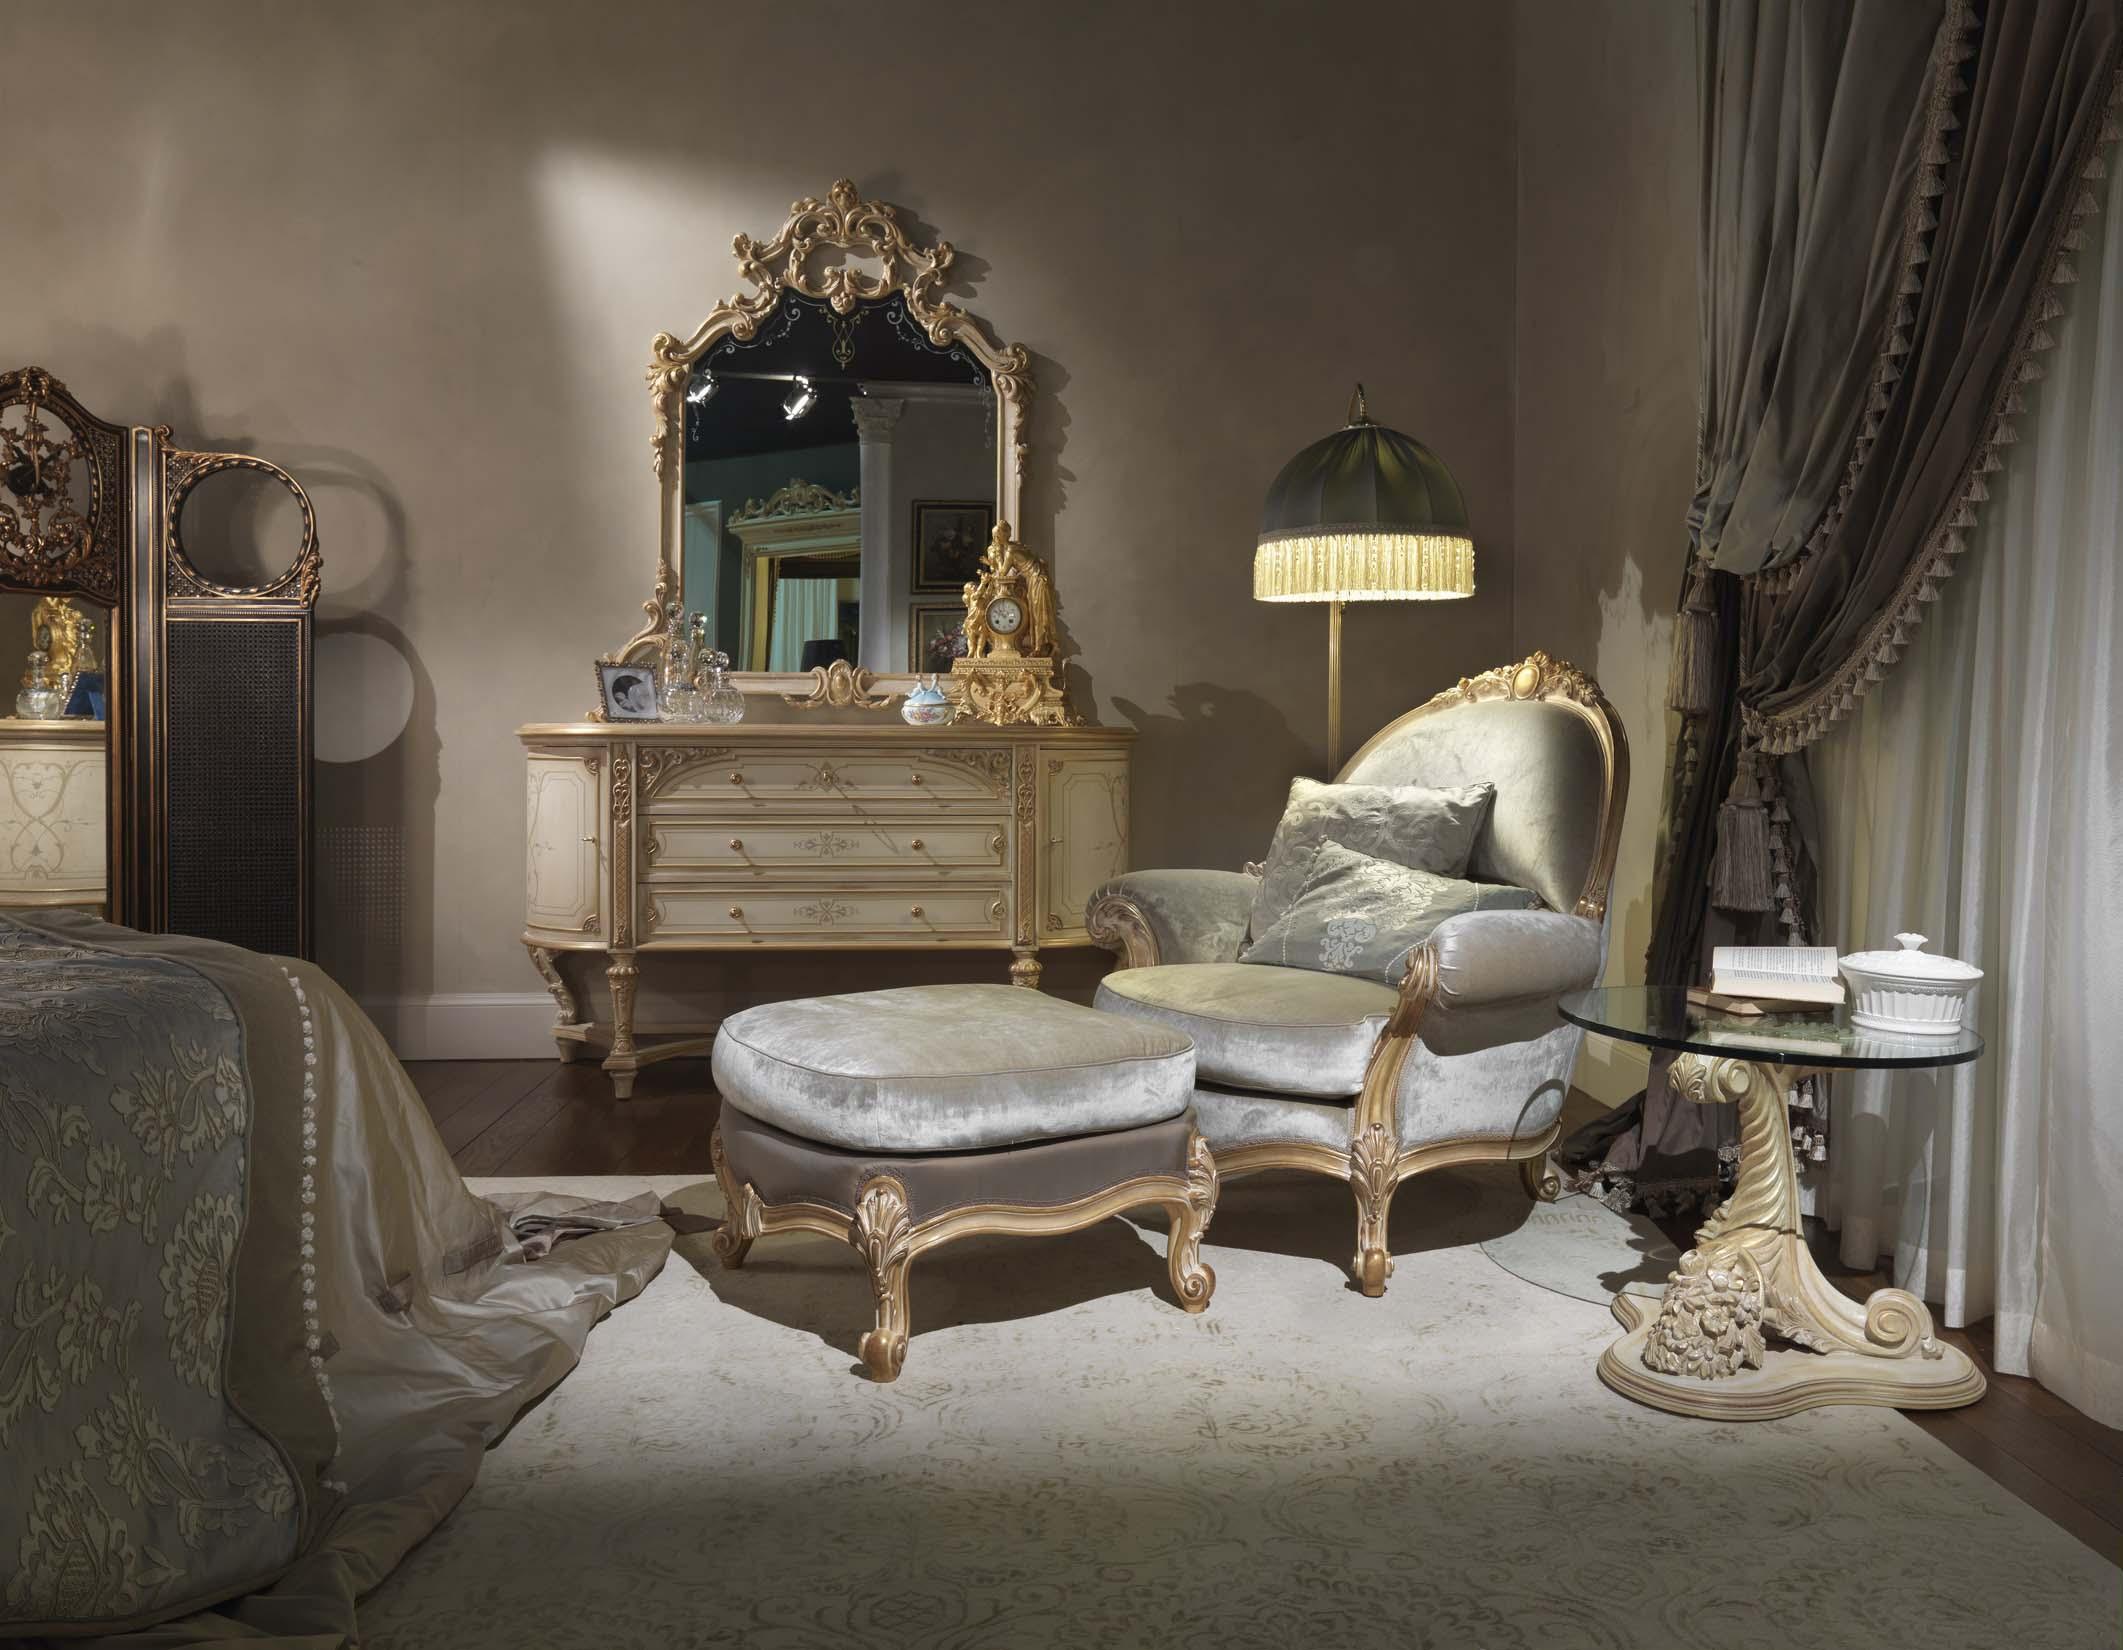 camera da letto stile francese Chic